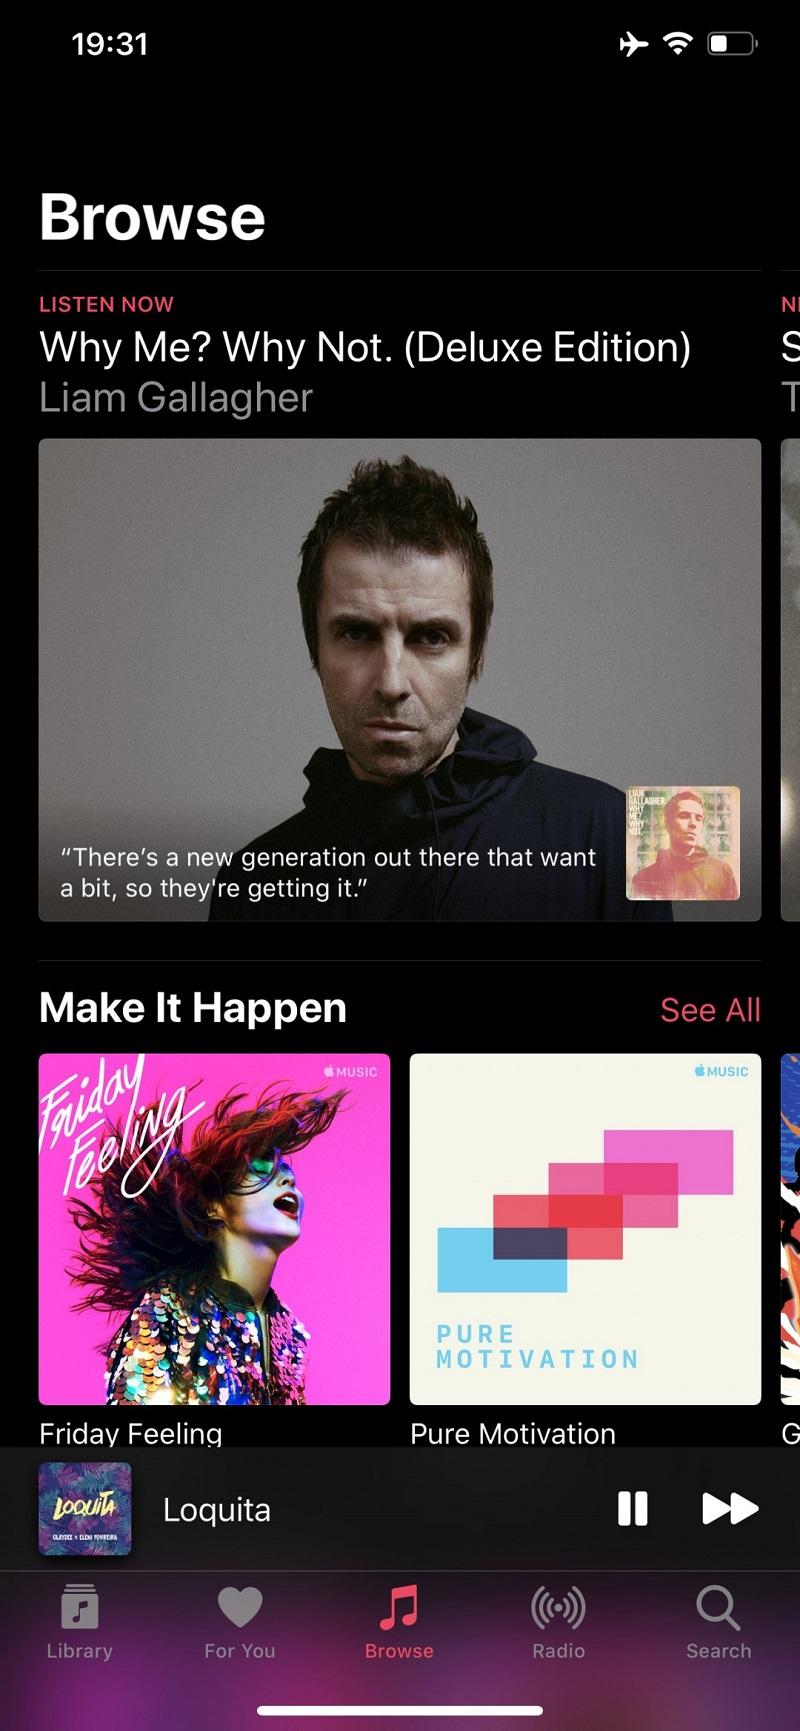 Sforum - Trang thông tin công nghệ mới nhất gsmarena_081 Đánh giá Apple iPhone 11 Pro/11 Pro Max: Khả năng chụp hình tốt, dung lượng pin cải thiện vượt bậc